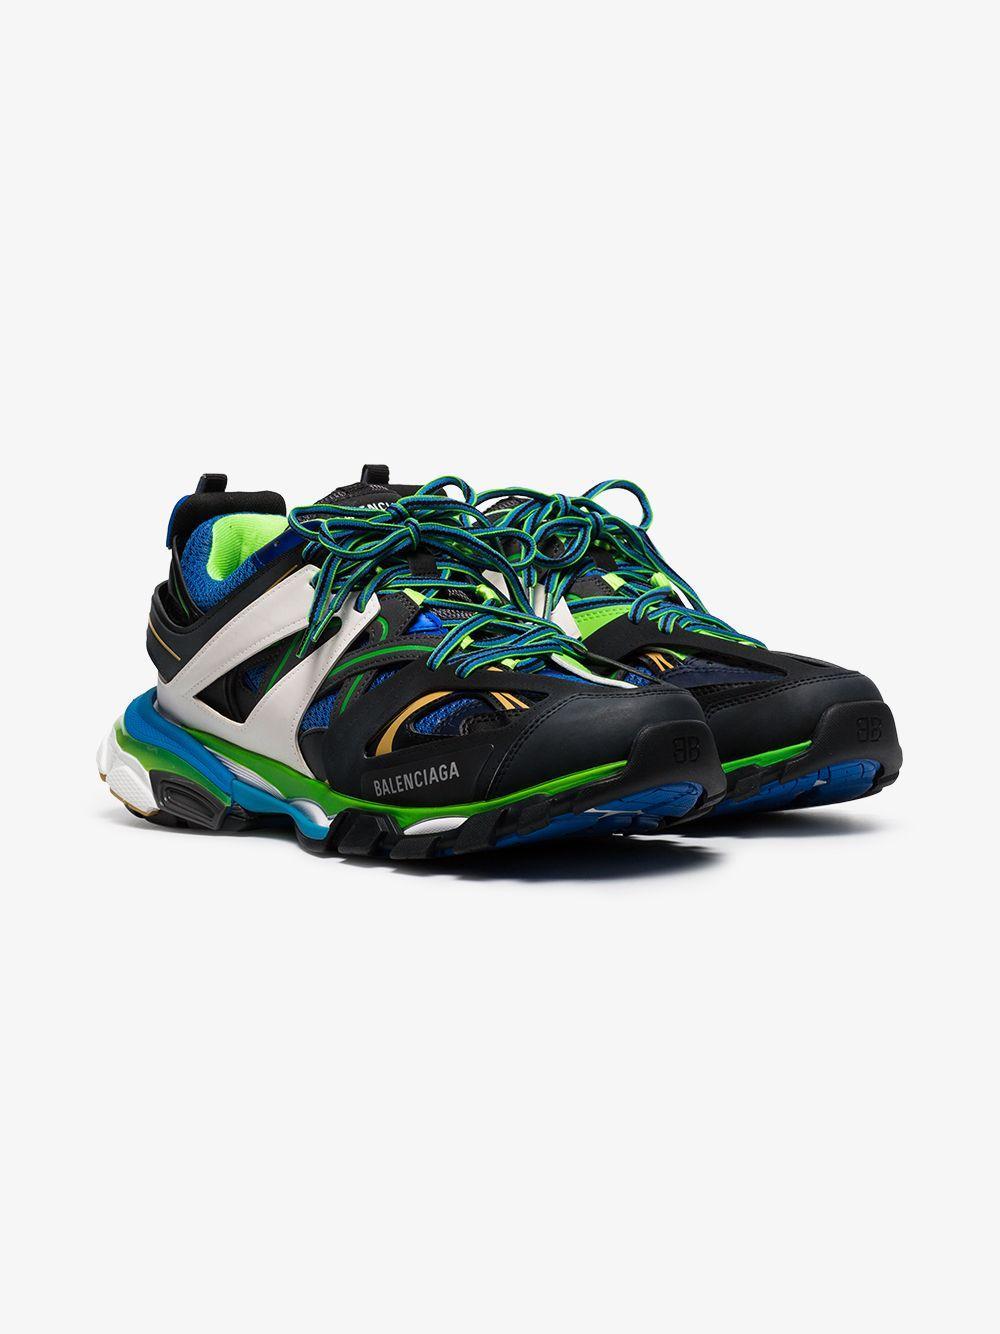 9749e7143a24f Balenciaga - Multicolor Multicoloured Track Low-top Sneakers for Men -  Lyst. View fullscreen